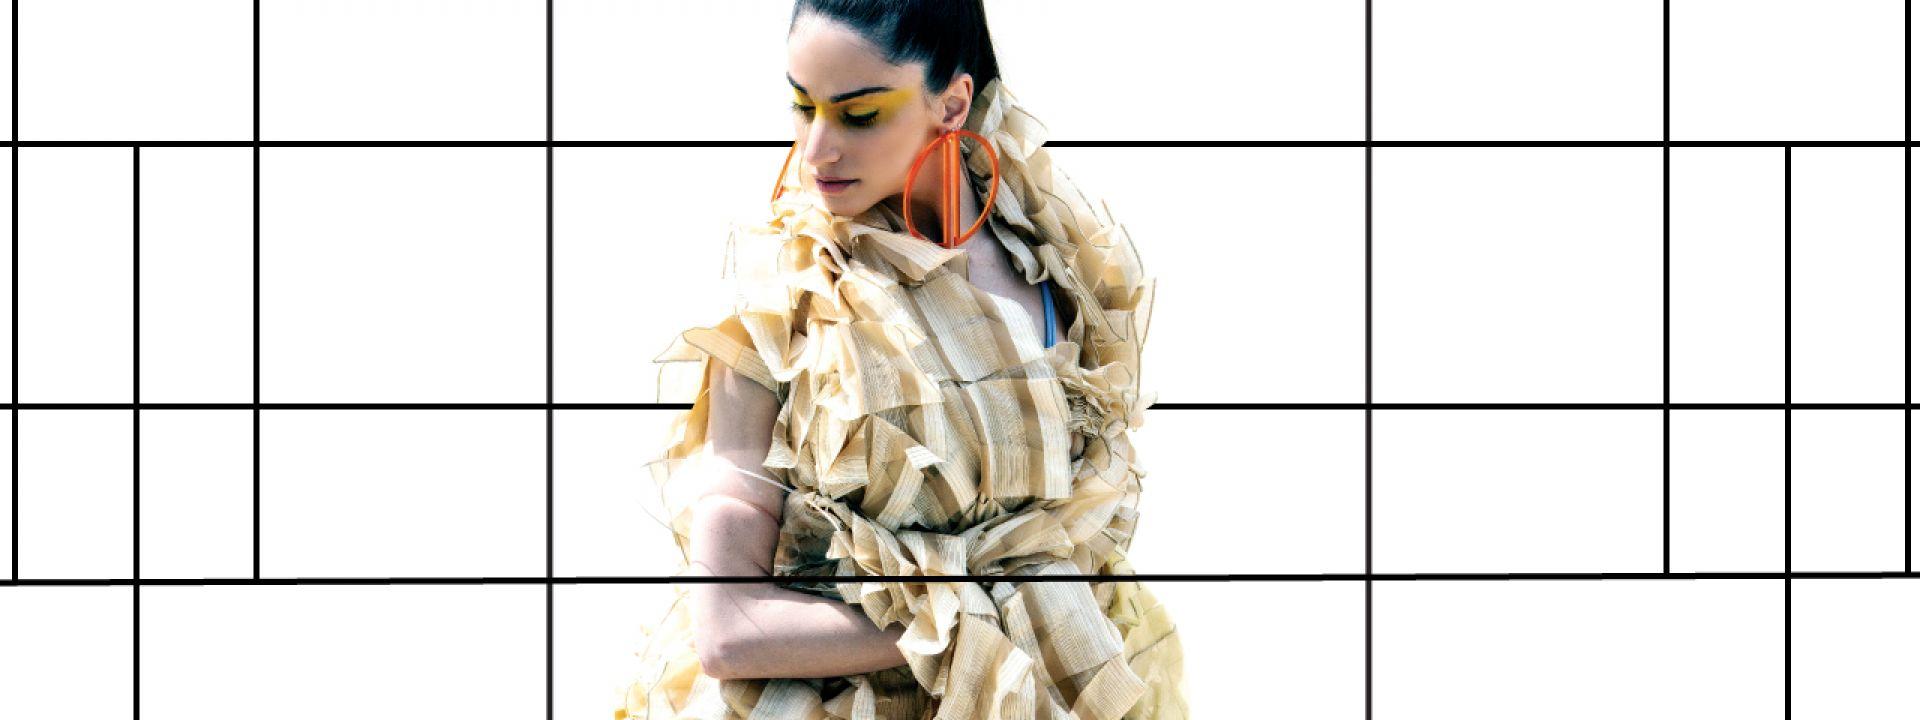 Φωτογραφία από ένδυμα - δείγμα Υψηλής Ραπτικής, στο πλαίσιο του project Όπερα και Μόδα